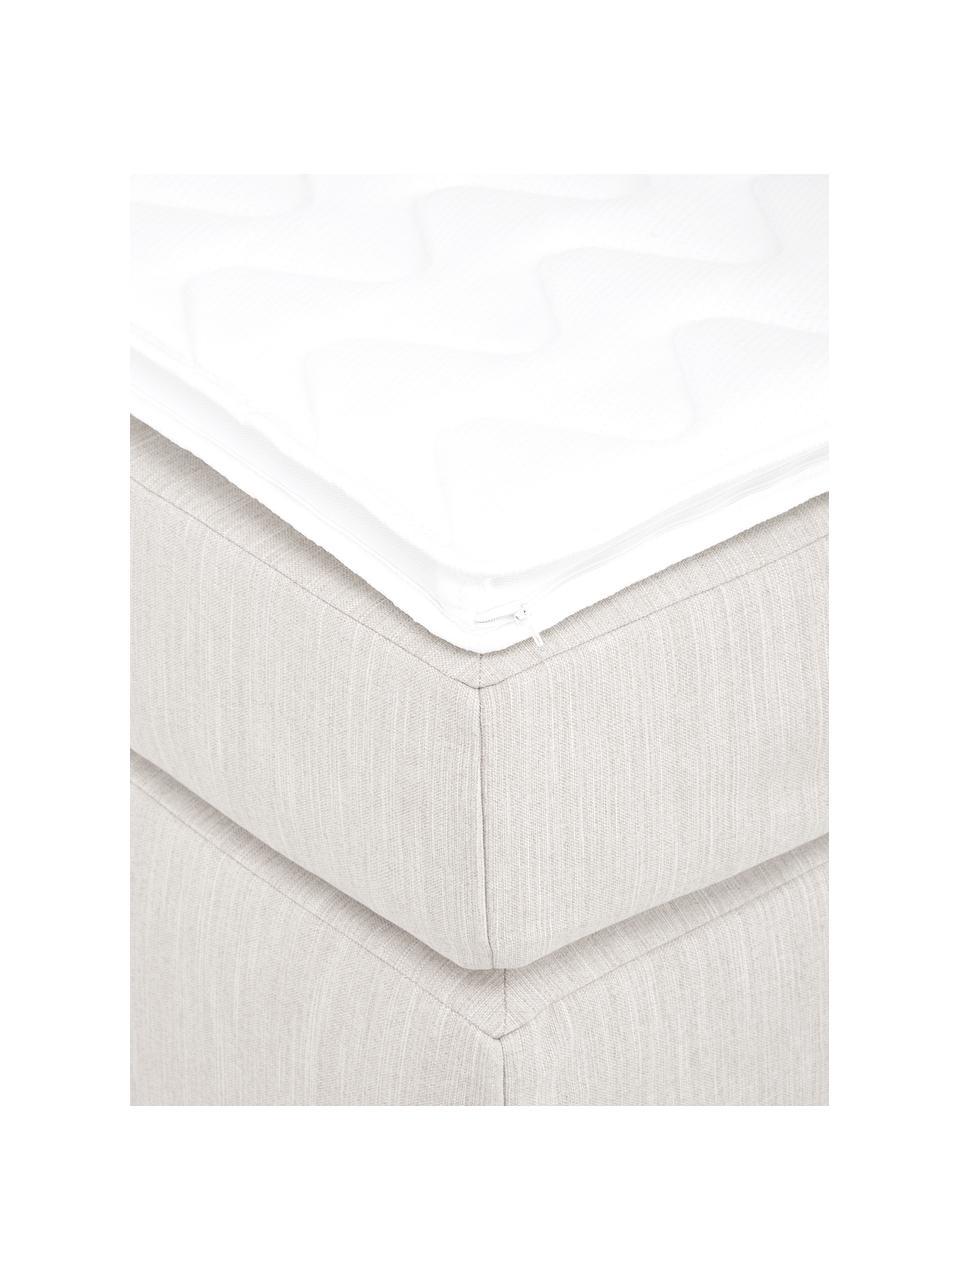 Łóżko kontynentalne bez zagłówka Enya, Nogi: tworzywo sztuczne, Jasny beżowy, S 200 x D 200 cm